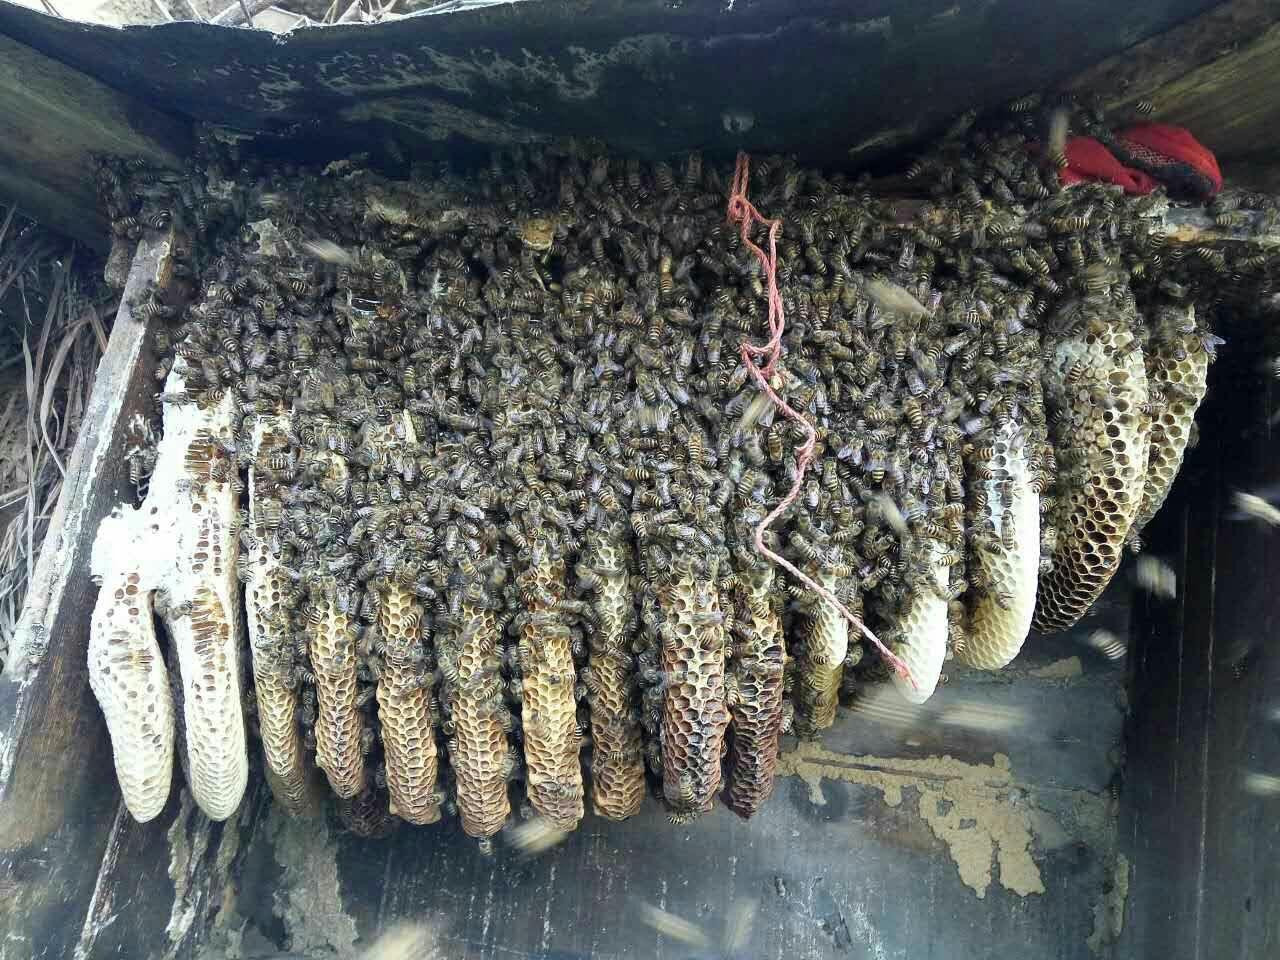 真正土蜂蜜多少钱一斤,土蜂蜜价格行情介绍 食品招商网